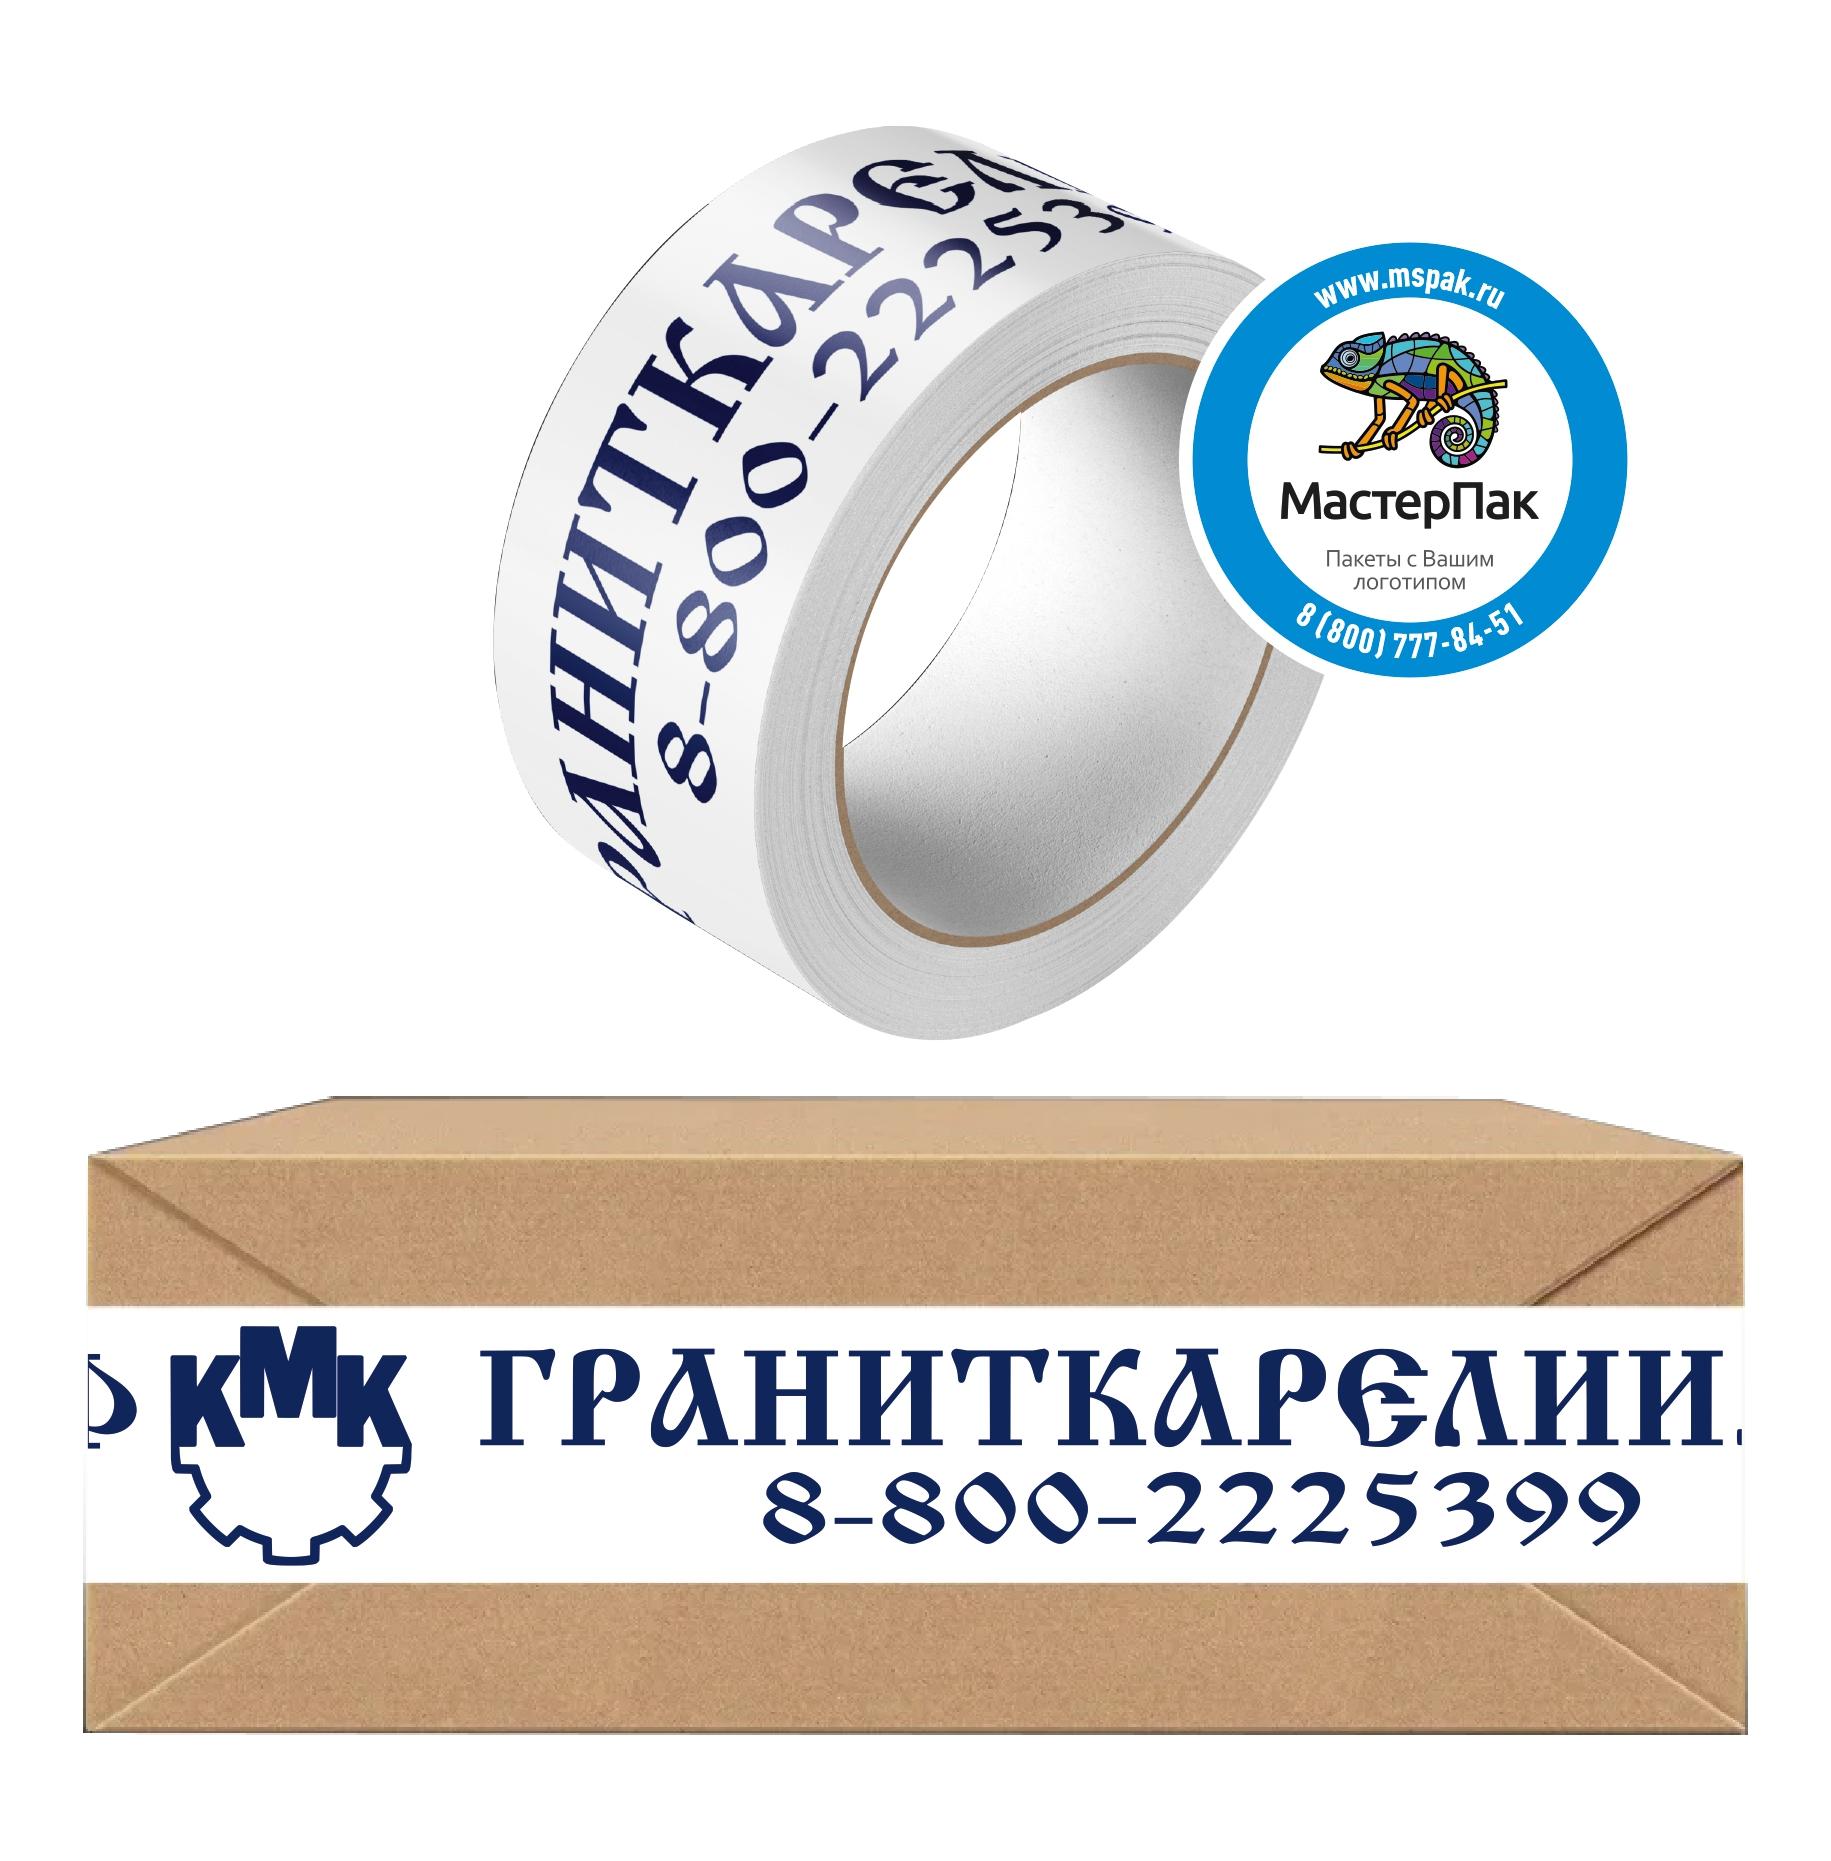 Скотч с логотипомГранит Карелии, 63 метра, 45 мкм, Петрозаводск